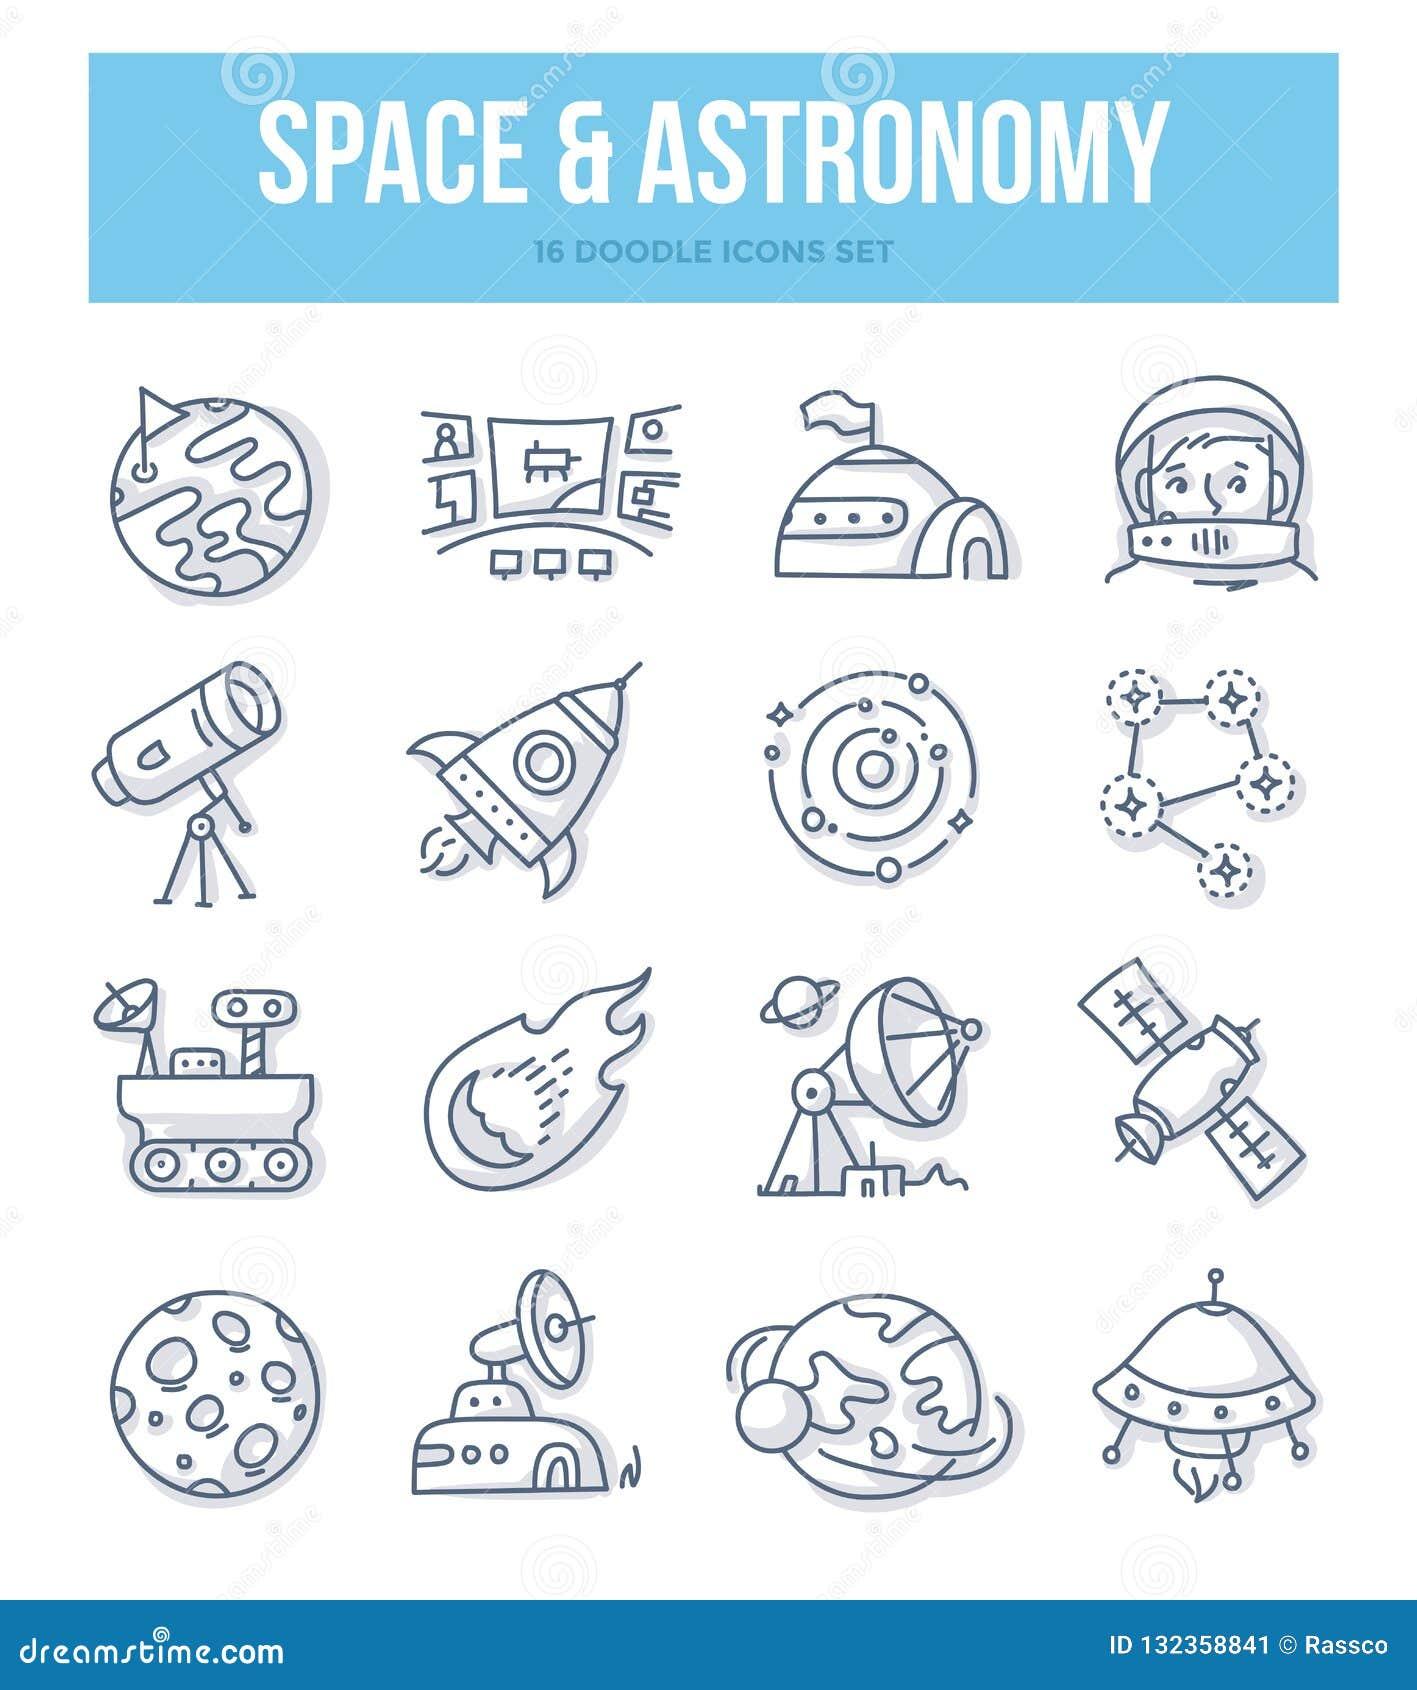 Έννοια Doodle διαστήματος & αστρονομίας